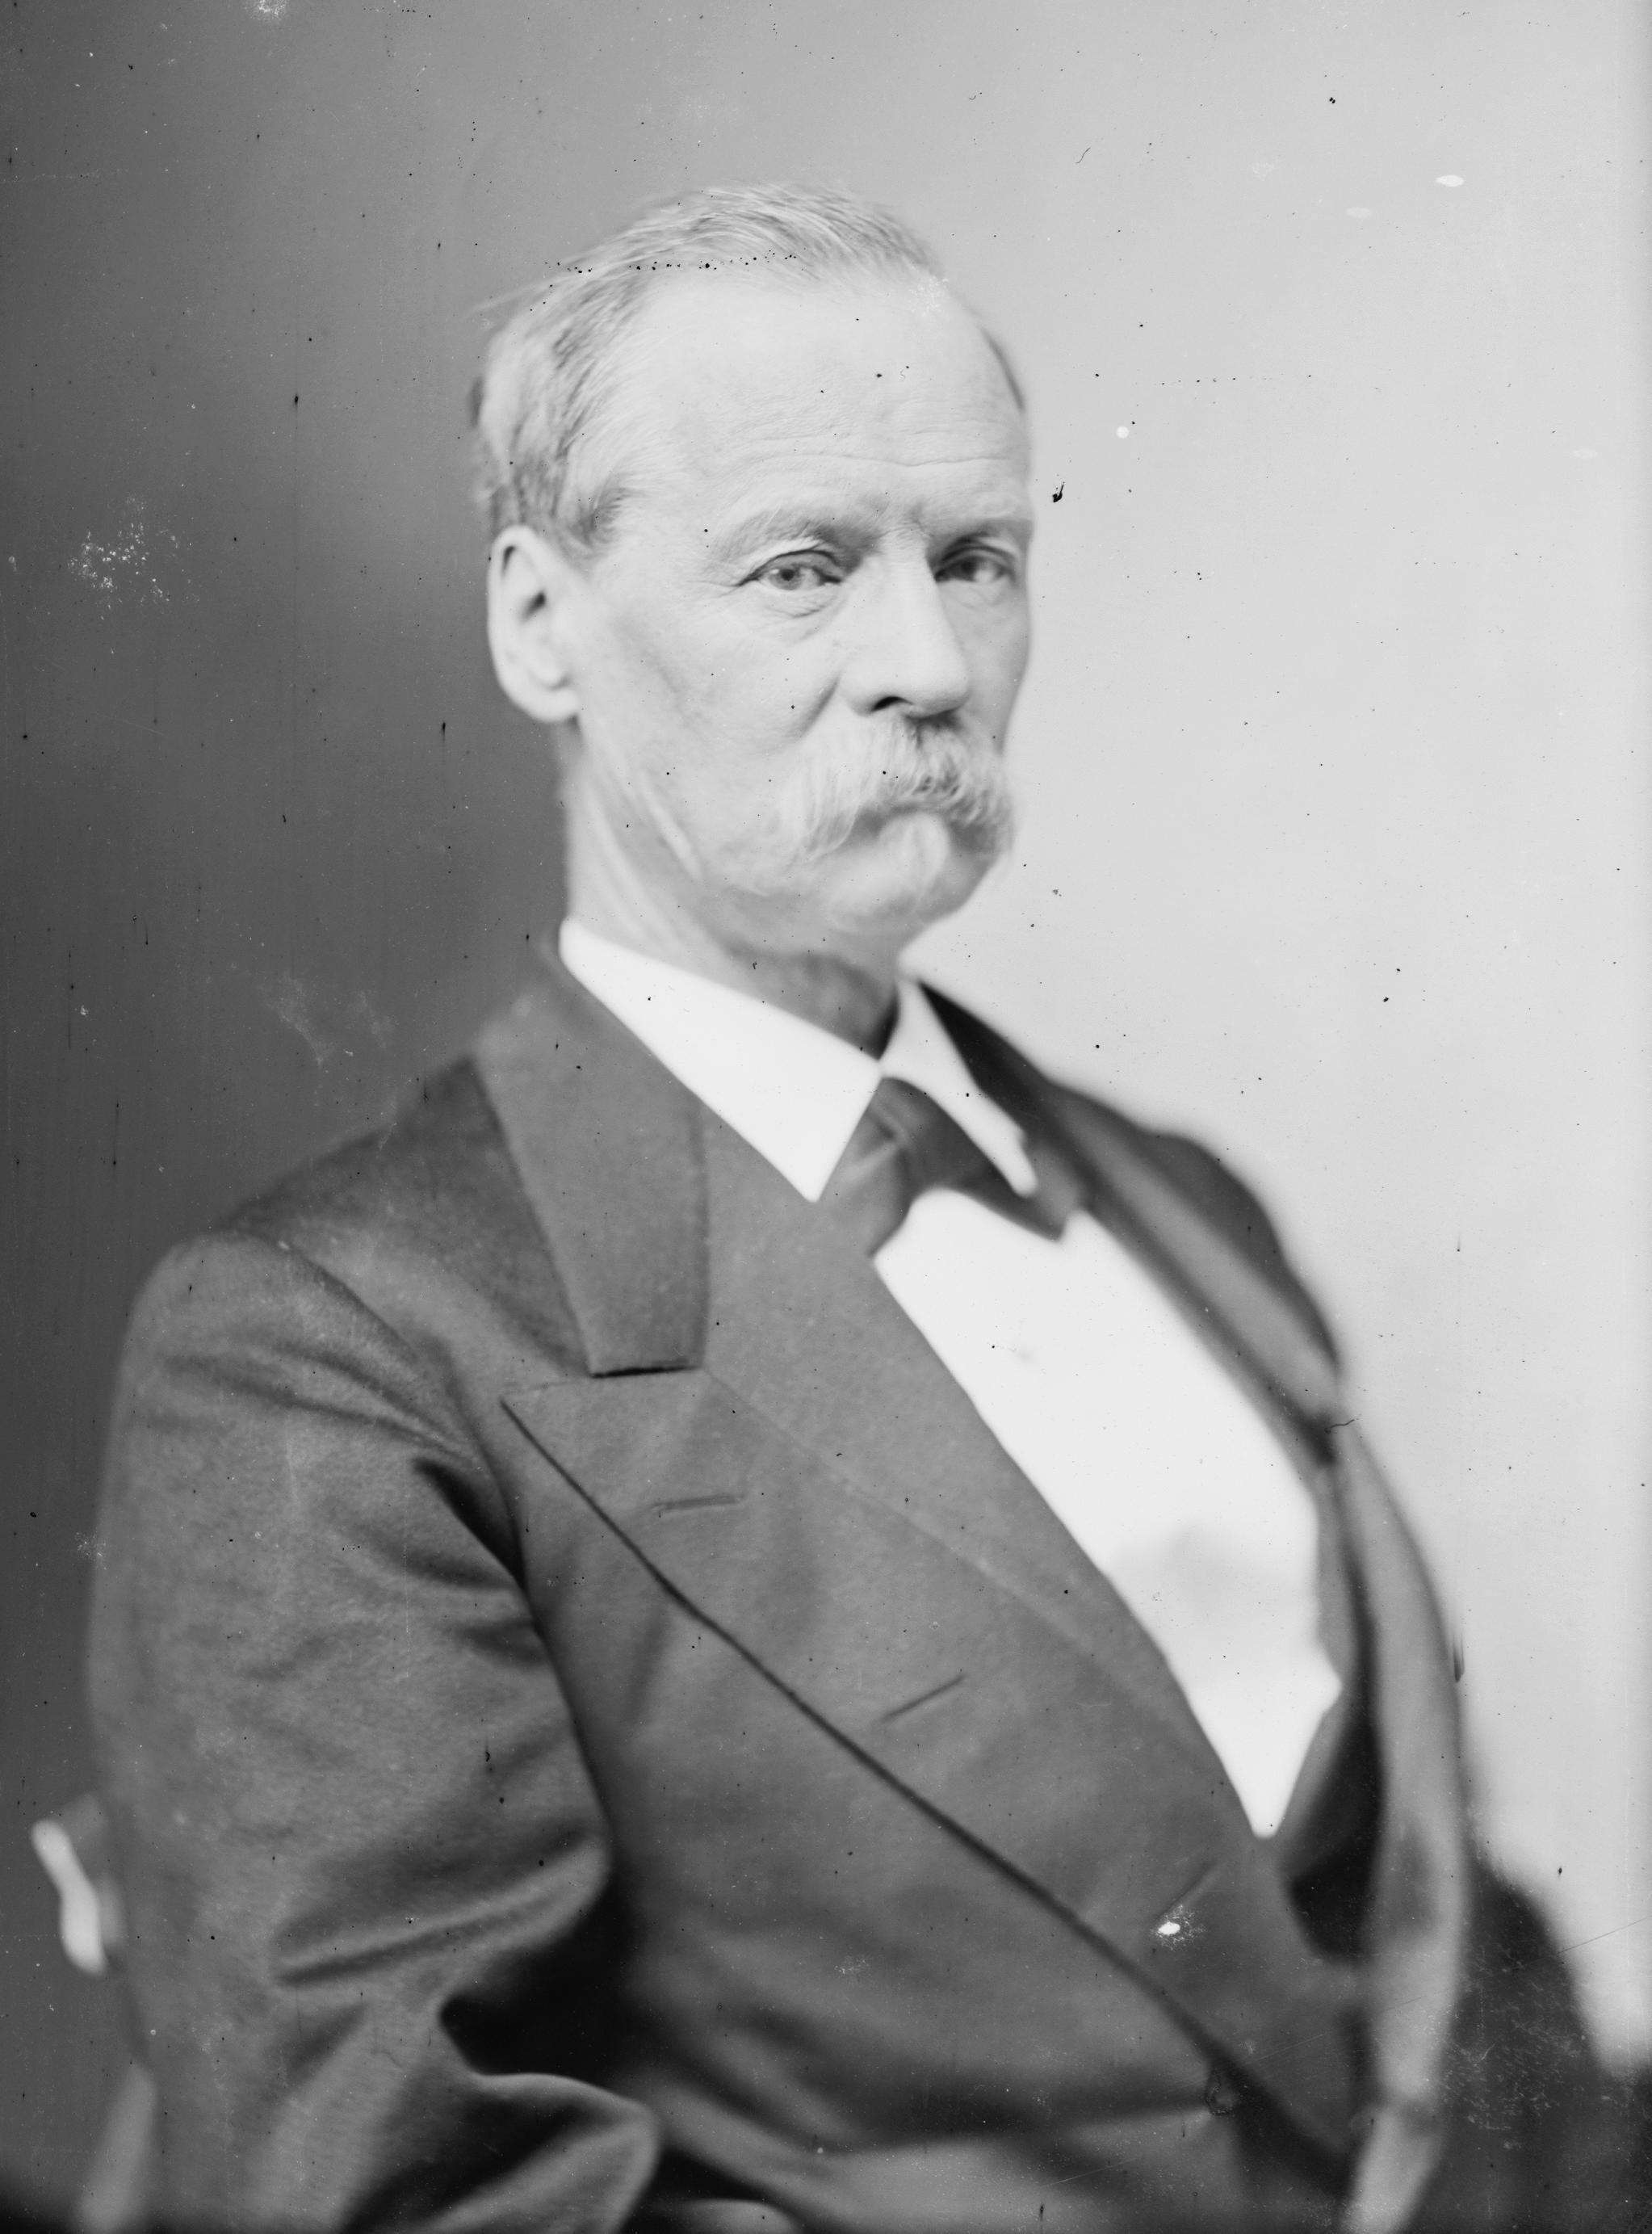 William Sharon